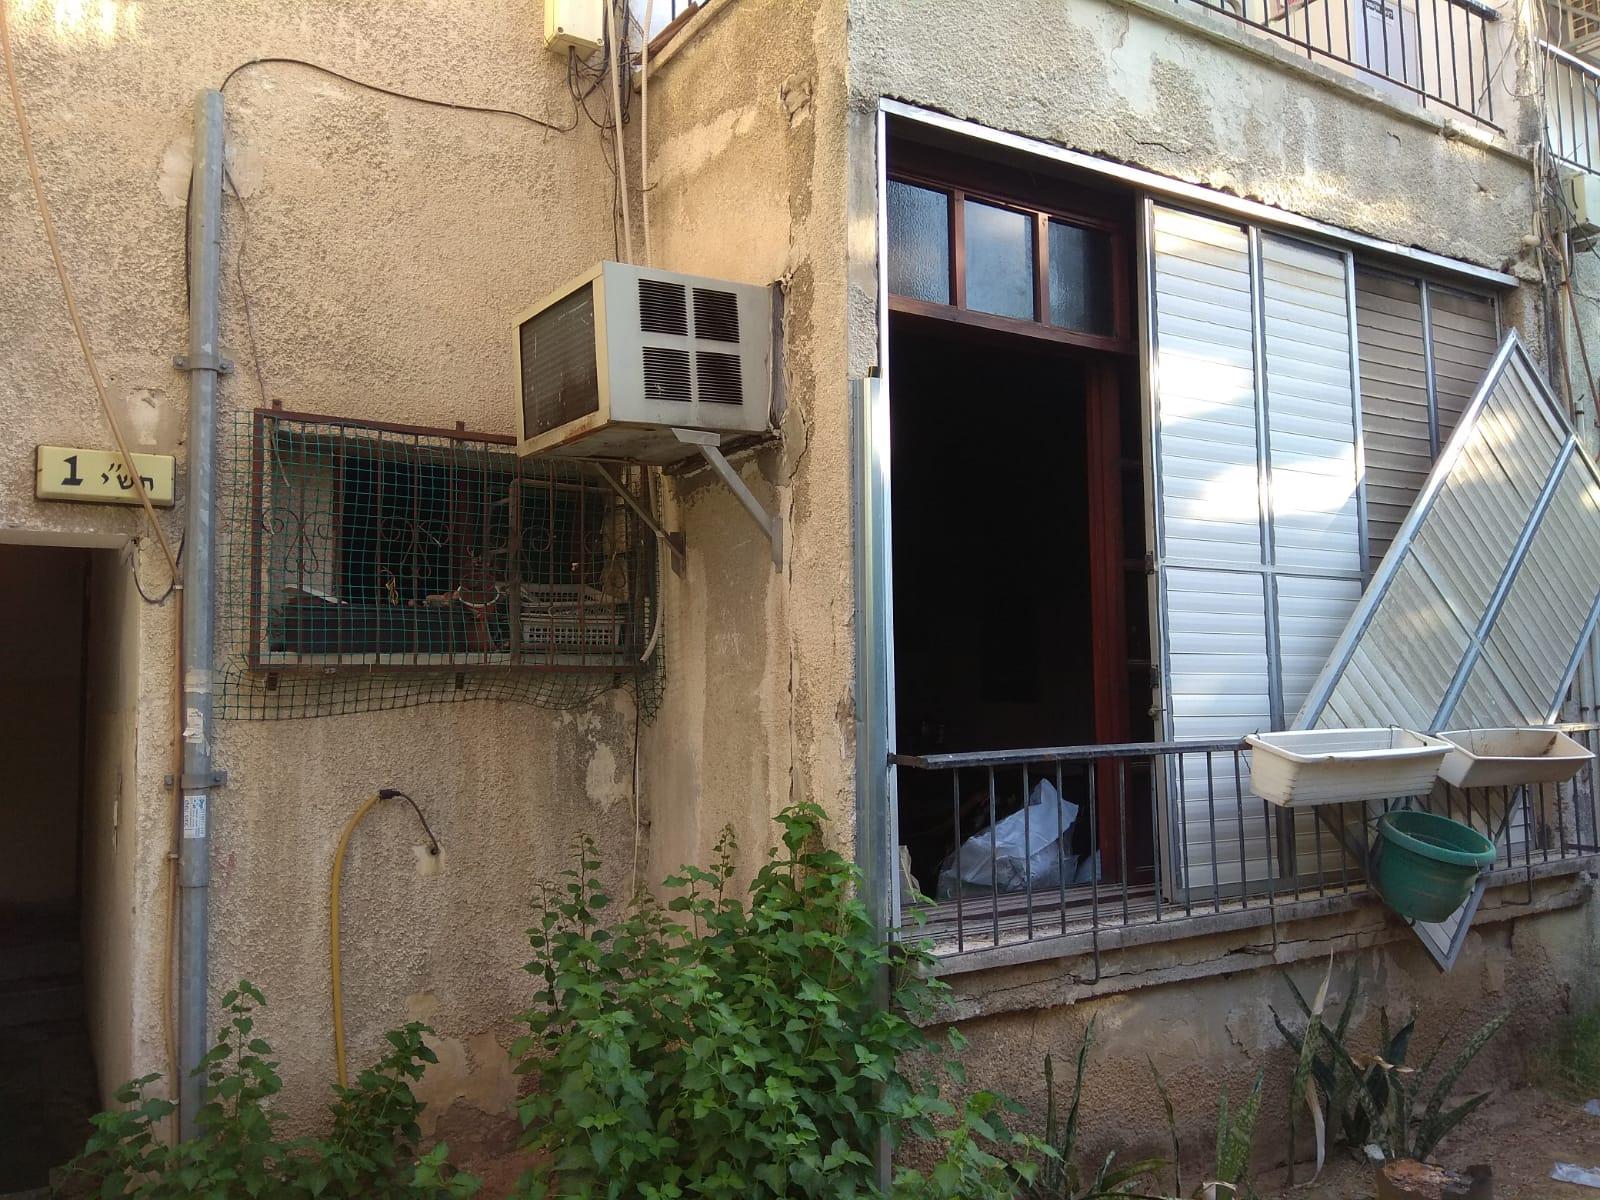 שריפה בבניין המגורים ברמת גן